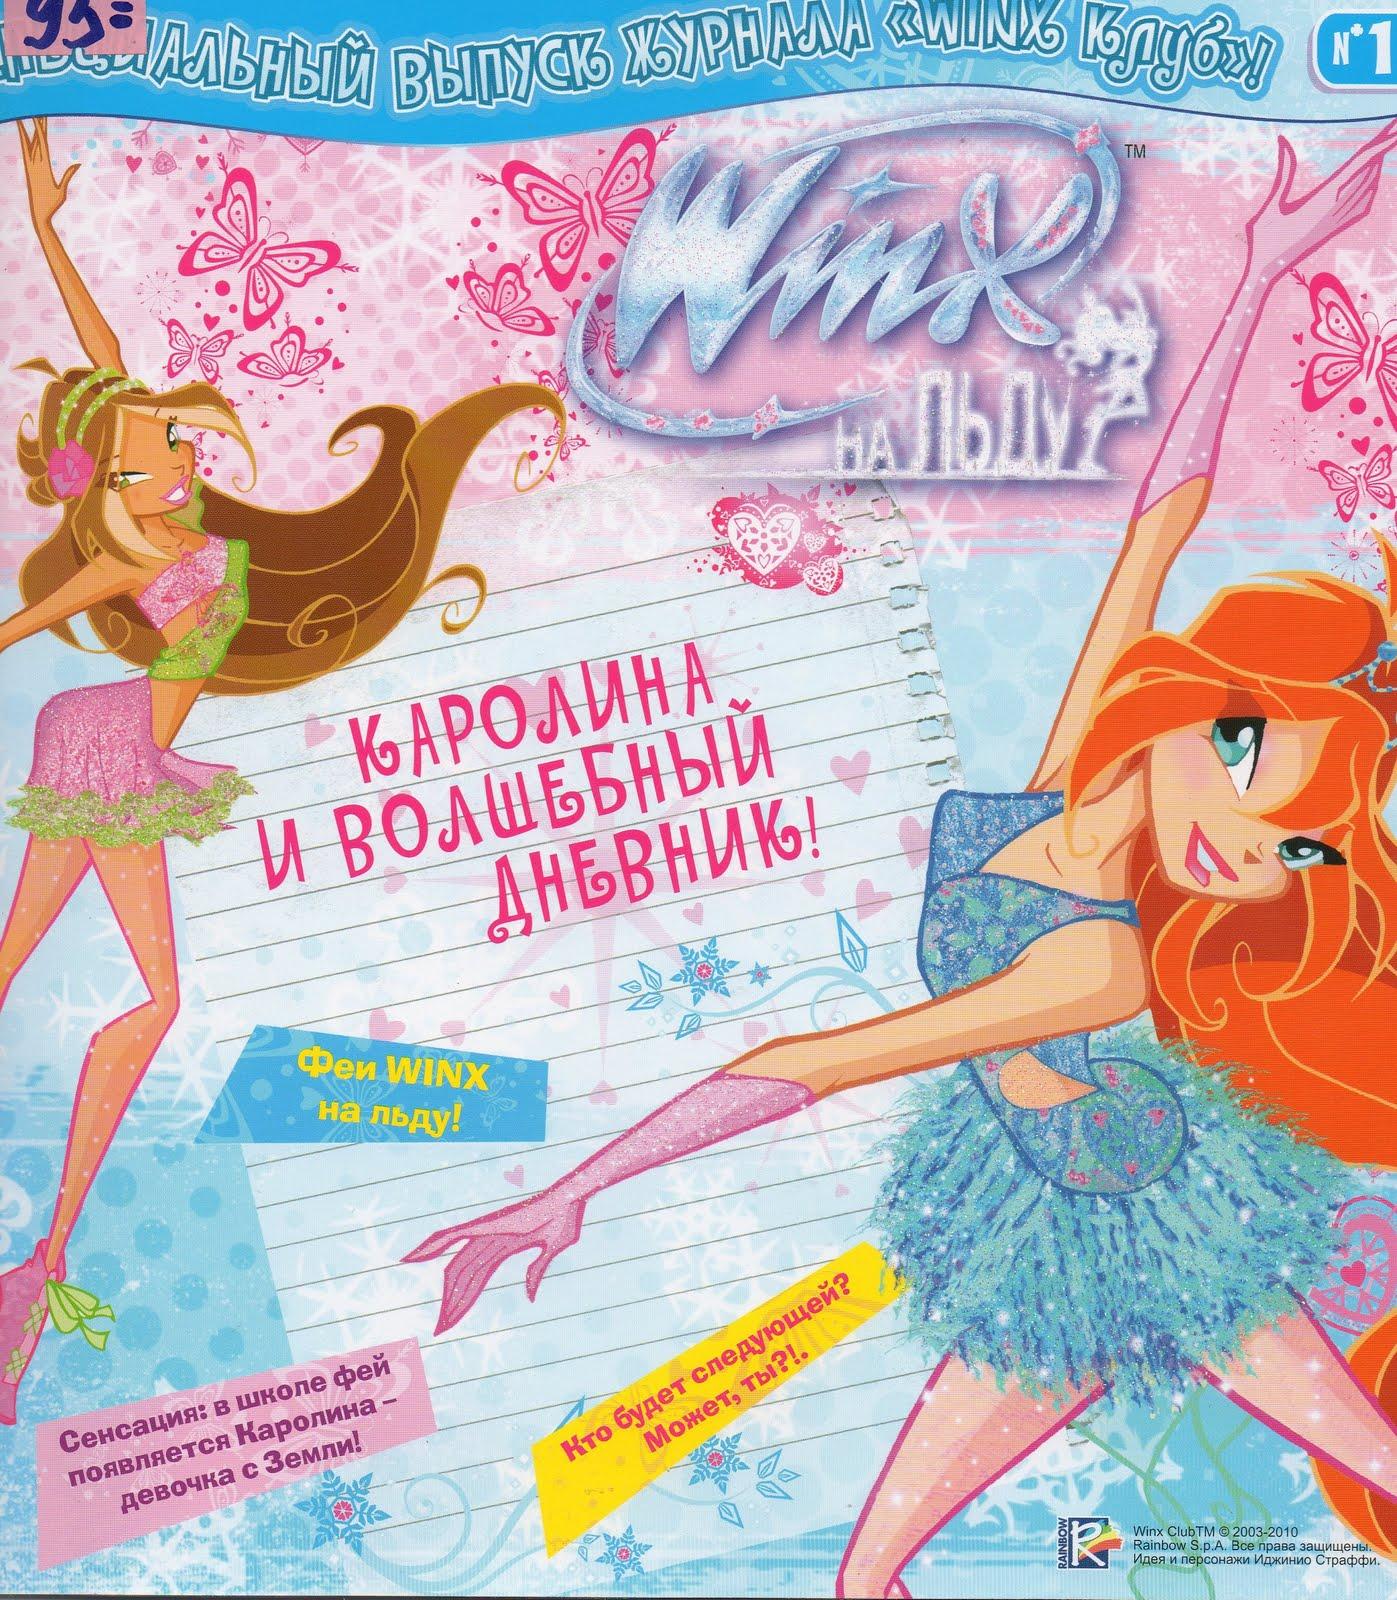 WinxClub analadygaga.blogspot.com